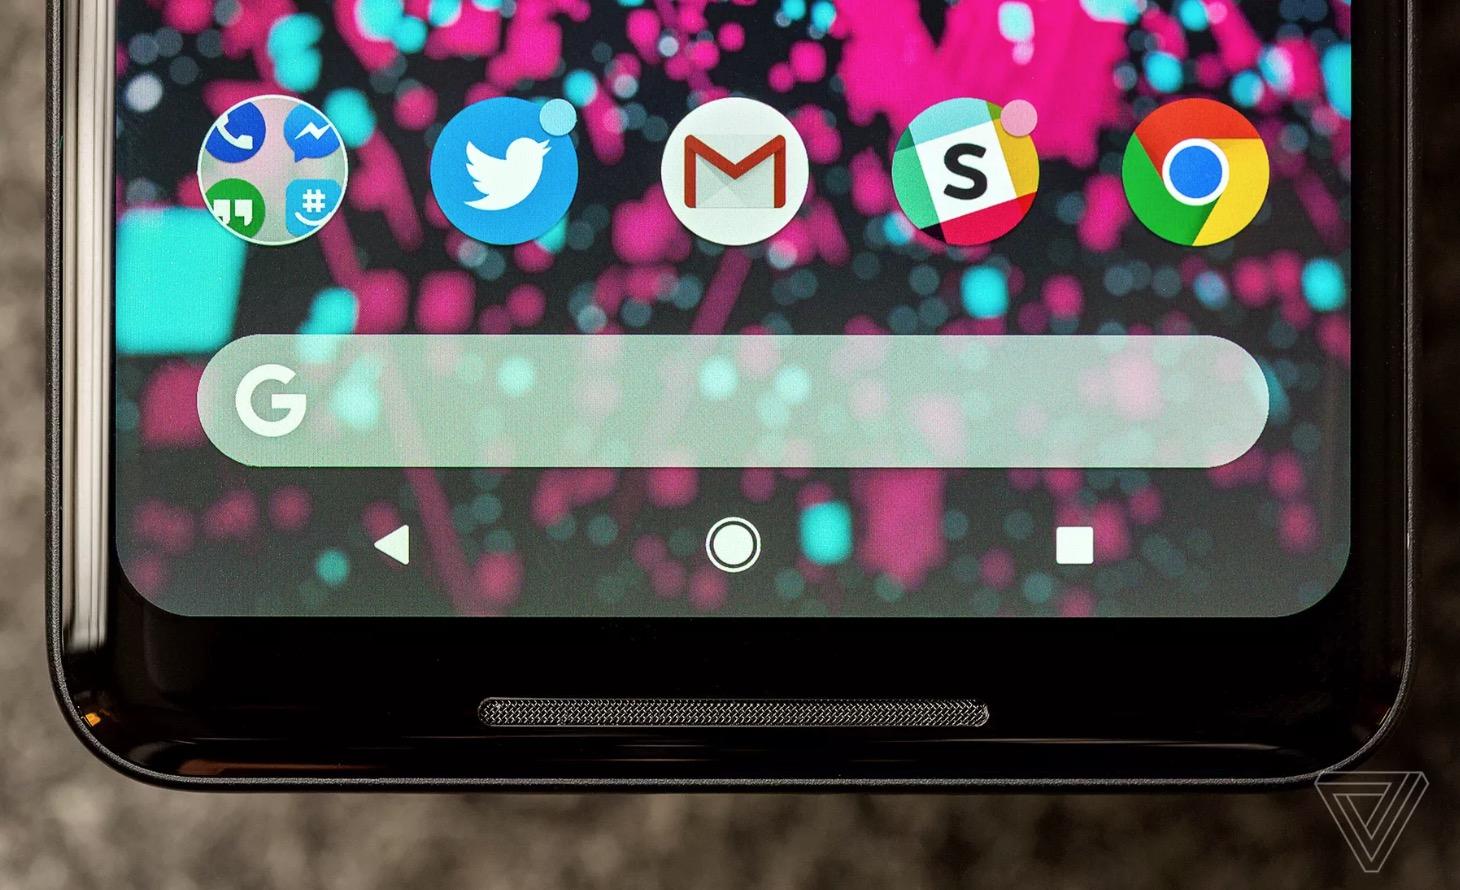 Google nói người dùng vẫn thích kiểu điều hướng bằng 3 phím ảo hơn là thao tác vuốt